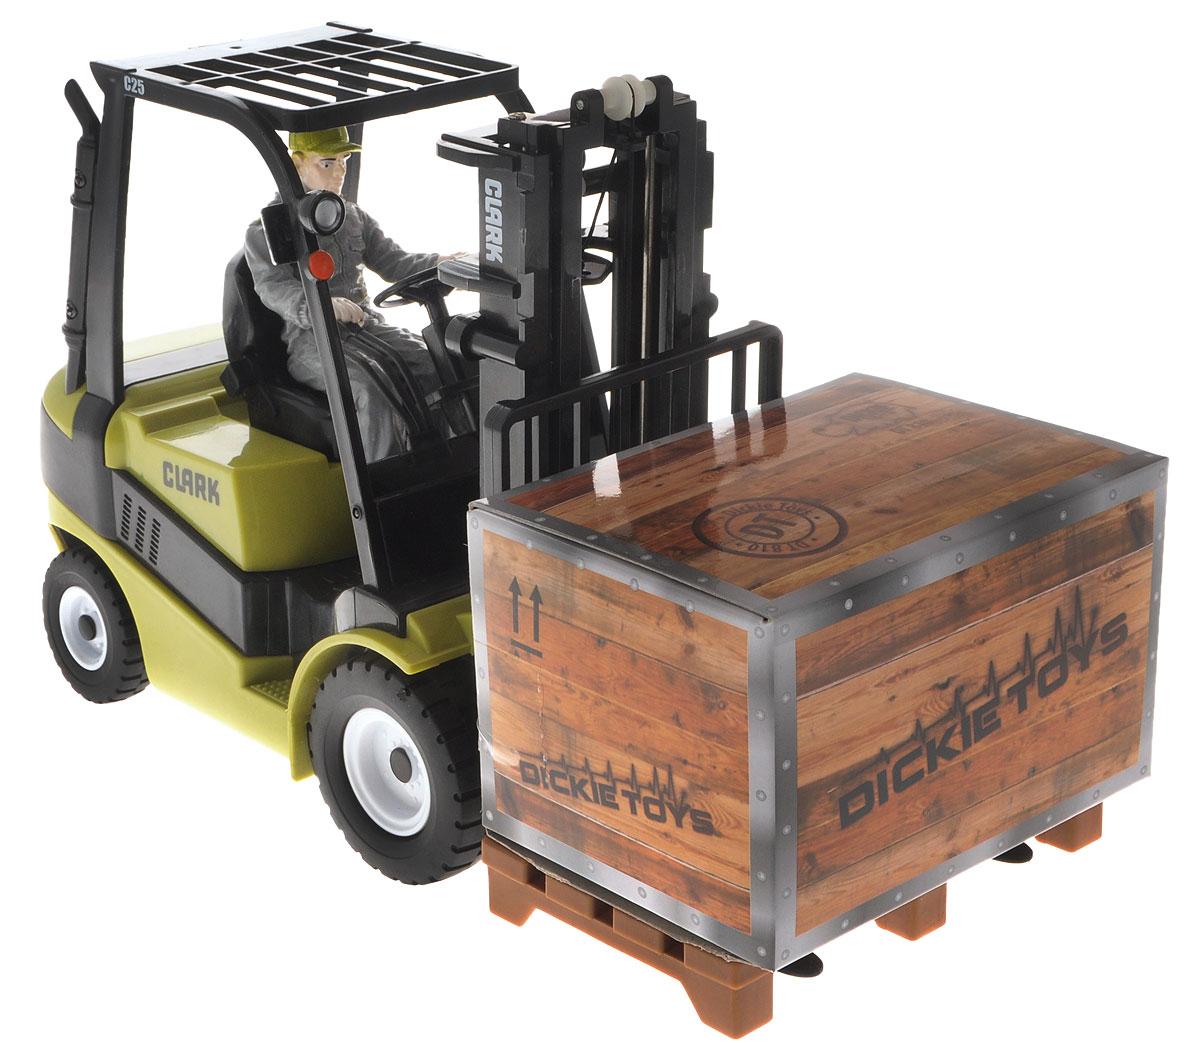 Dickie Toys Подъемник на радиоуправлении Forklift Clark C2519233Подъемник на радиоуправлении Dickie Toys Forklift Clark C25 разнообразит игры вашего ребенка со строительной техникой. Игрушка выполнена из высококачественного безопасного пластика, отличается четкими пропорциями и высокой детализацией. Это точная копия настоящей техники в масштабе 1:16. В машинке предусмотрена фигурка водителя погрузчика. Машина оснащена вилочным погрузчиком, который может поднимать и опускать крупногабаритный груз. Подъем и опускание вилки происходит с помощью пульта управления. Движение машины производится при помощи пульта дистанционного управления (в комплекте). Игрушка может двигаться вперед-влево-вправо, назад-влево-вправо, останавливаться. Радиоуправляемые игрушки развивают у ребенка мелкую моторику, логику, координацию движений и пространственное мышление. Порадуйте своего малыша таким замечательным подарком! Для работы игрушки рекомендуется докупить 4 батарейки типа АА напряжением 1,5V (комплектуется демонстрационными)....